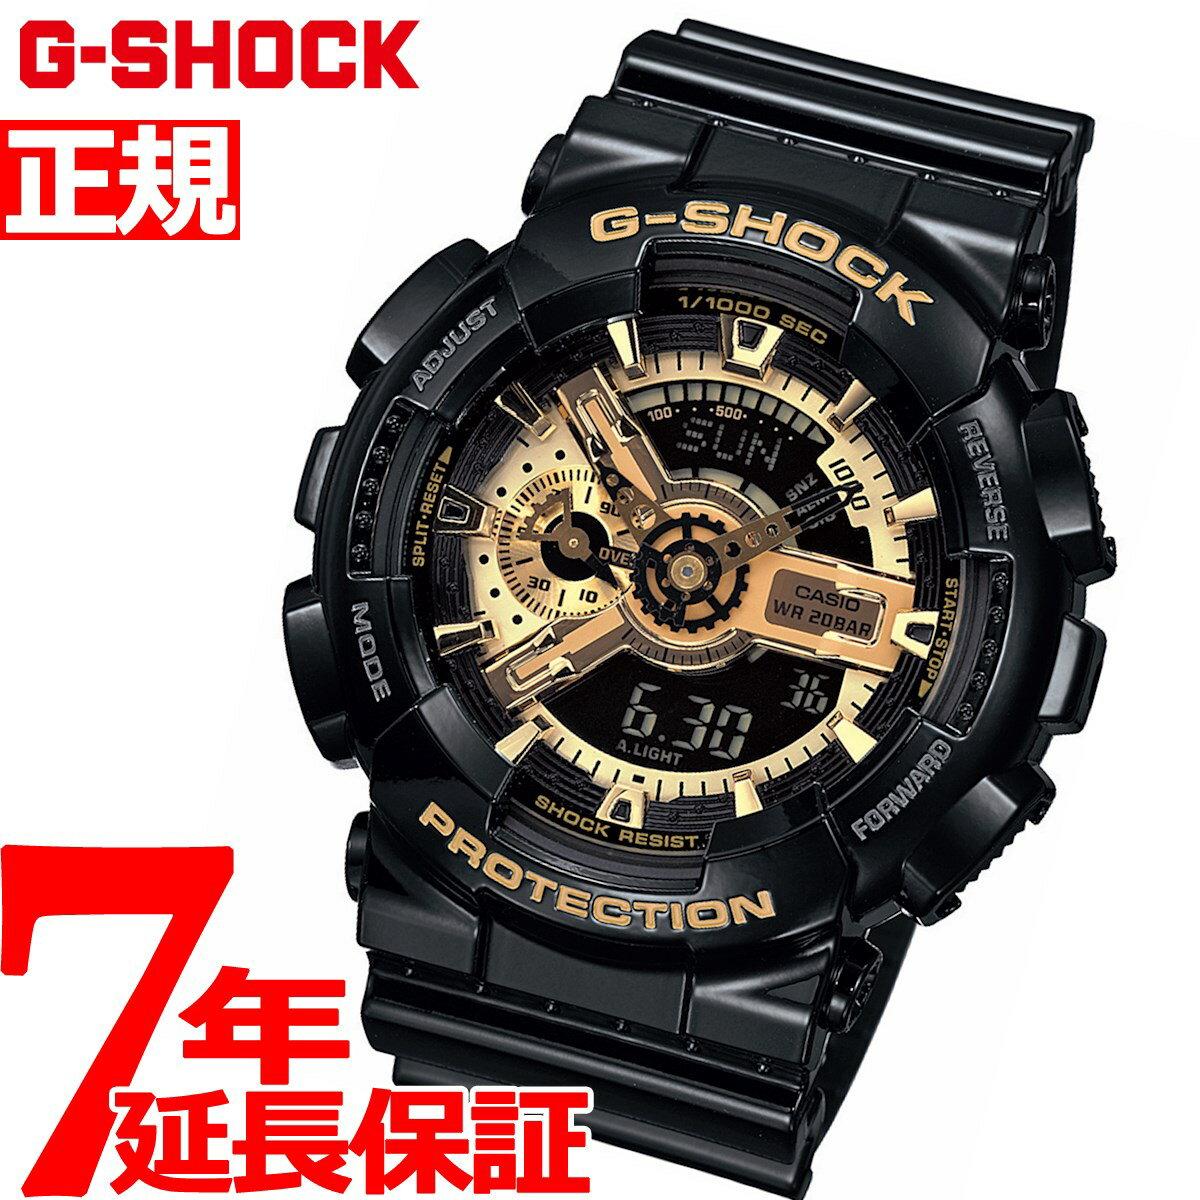 腕時計, メンズ腕時計 35.5G-SHOCK G BlackGold Series GA-110GB-1AJF2020